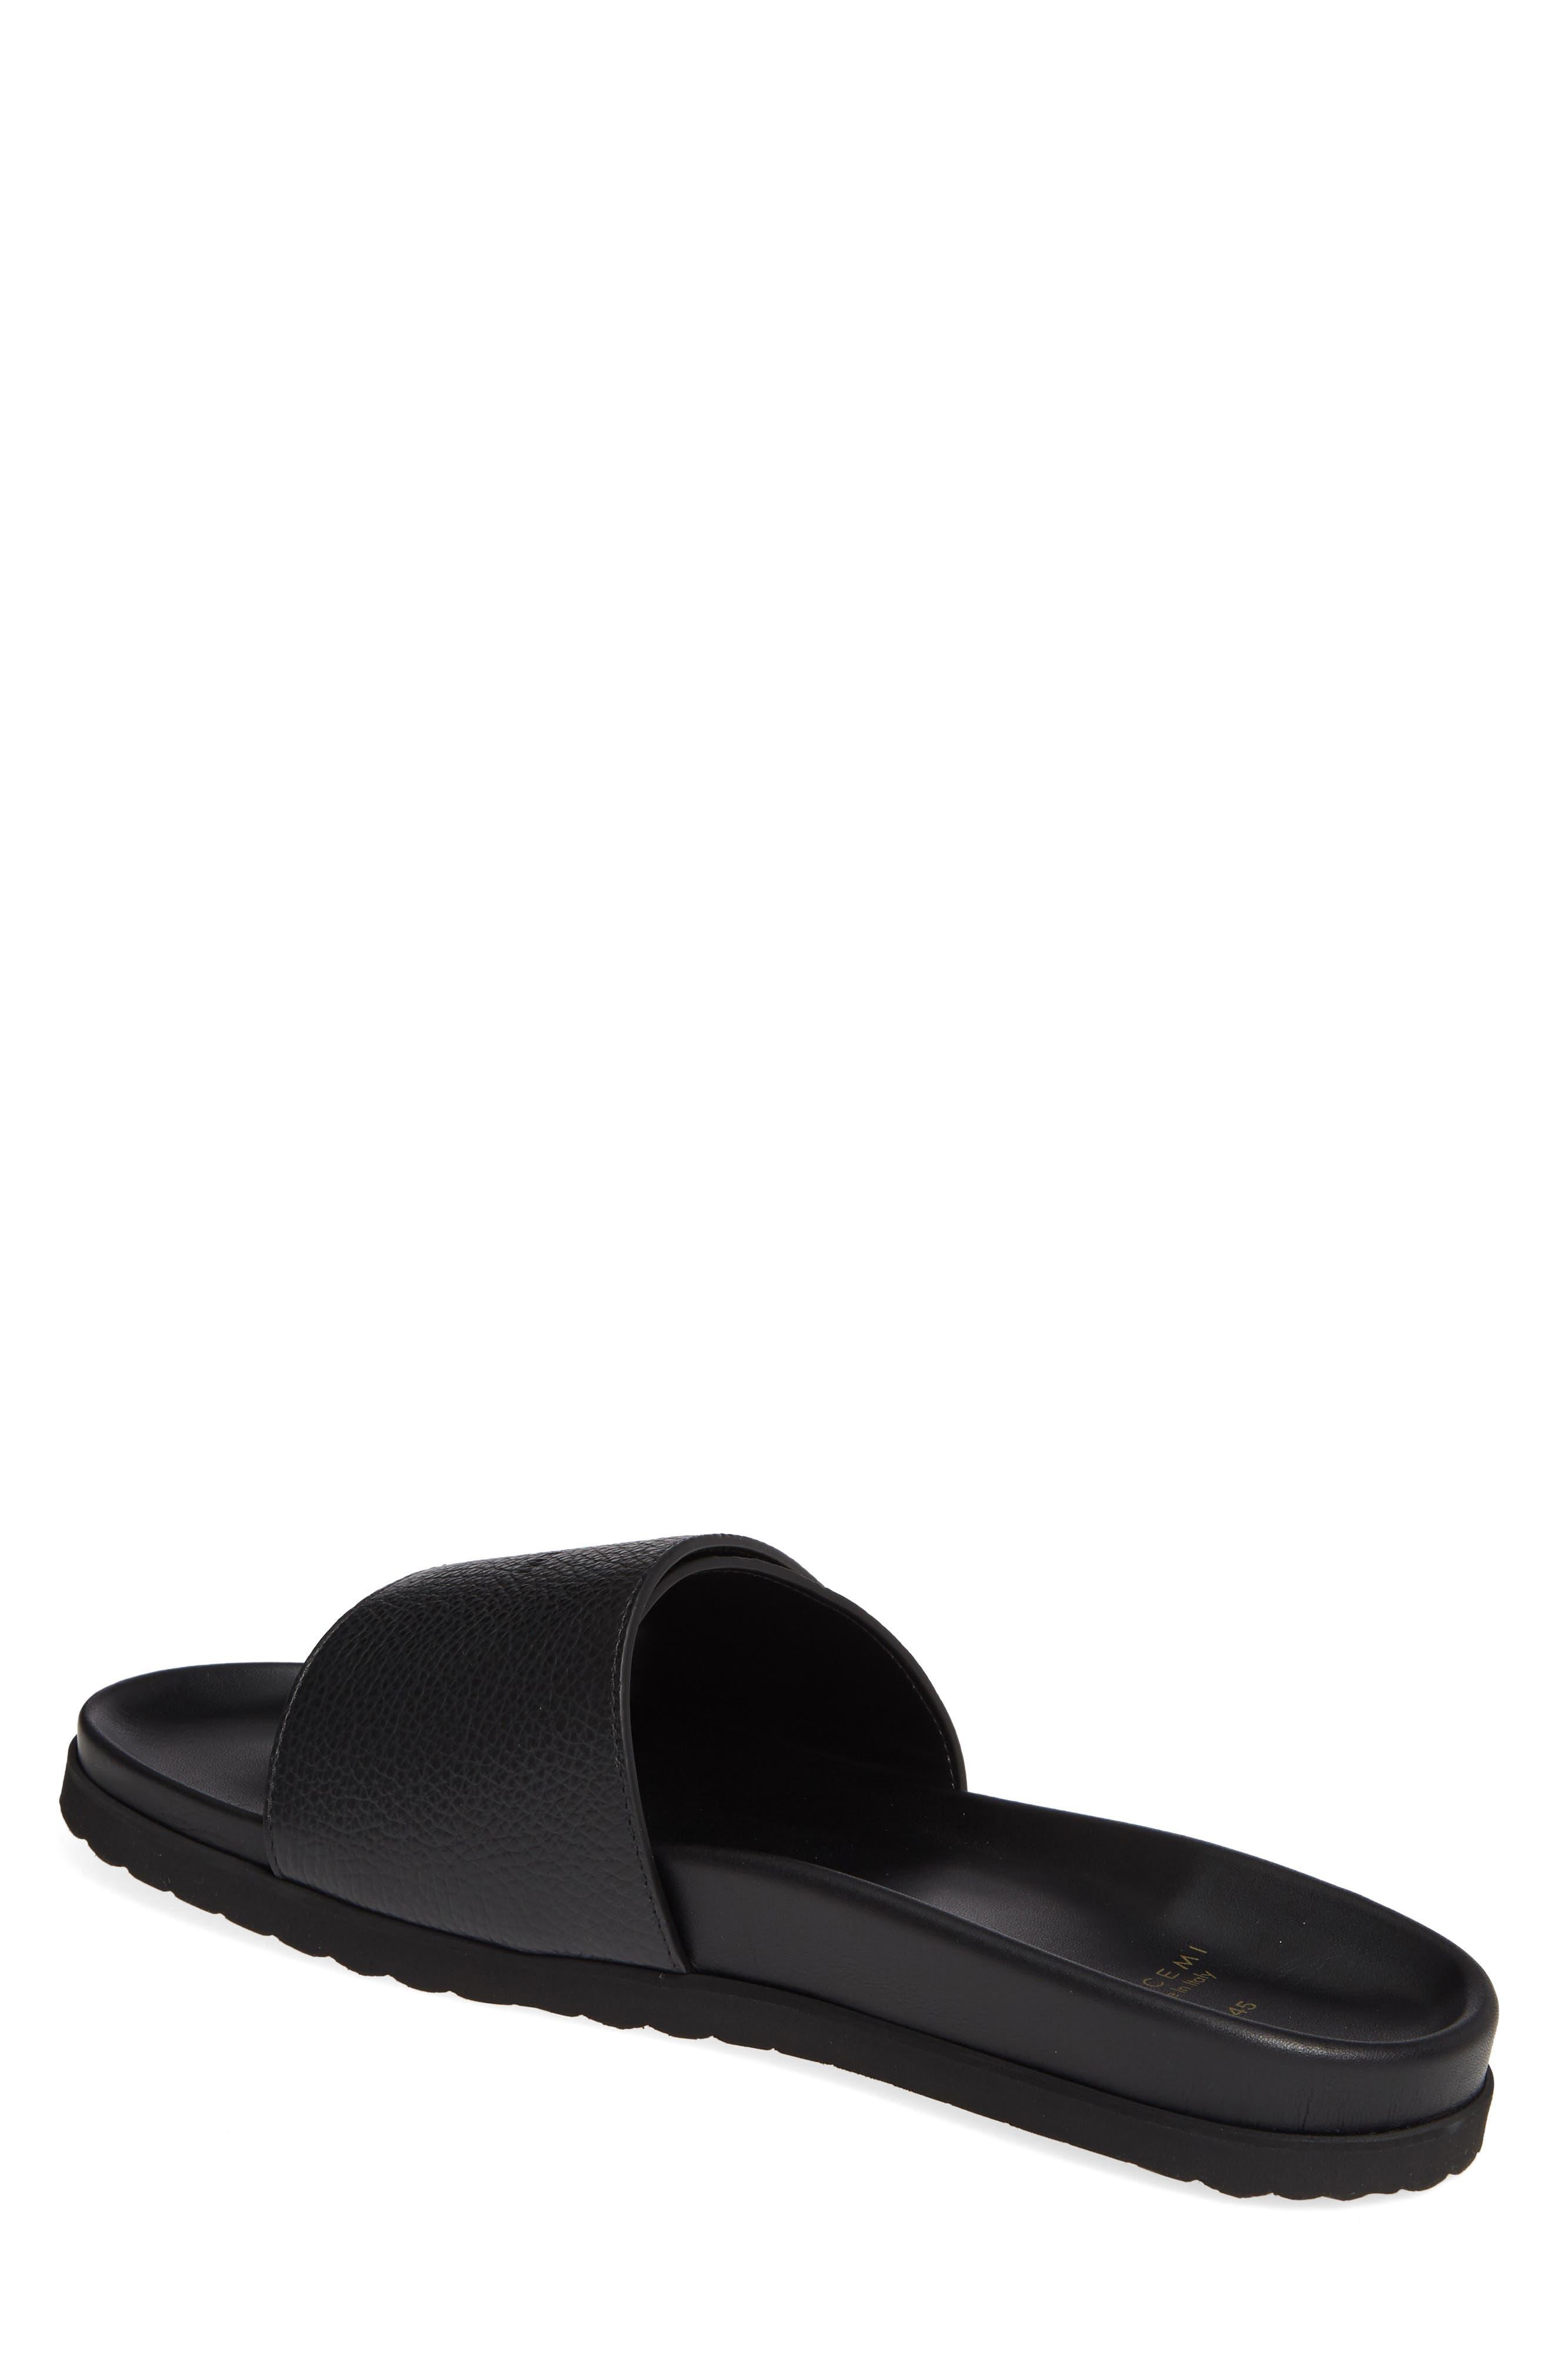 b5223a48f612 Men s Buscemi Sandals